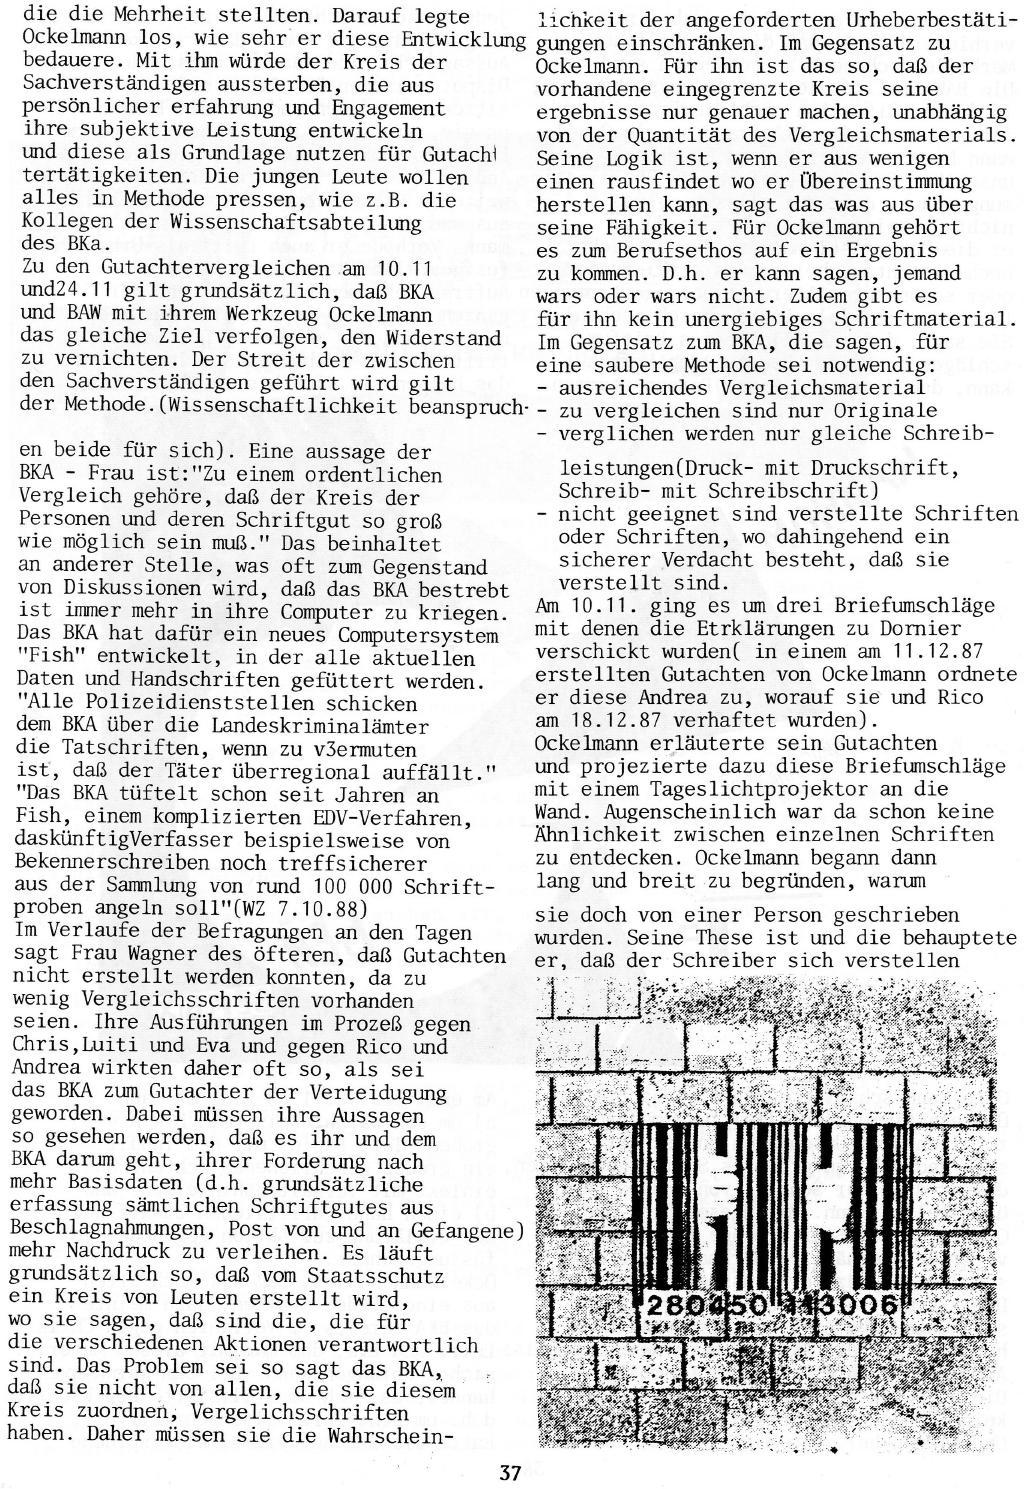 Duesseldorf_1989_Sechs_Politische_Gefangene_037